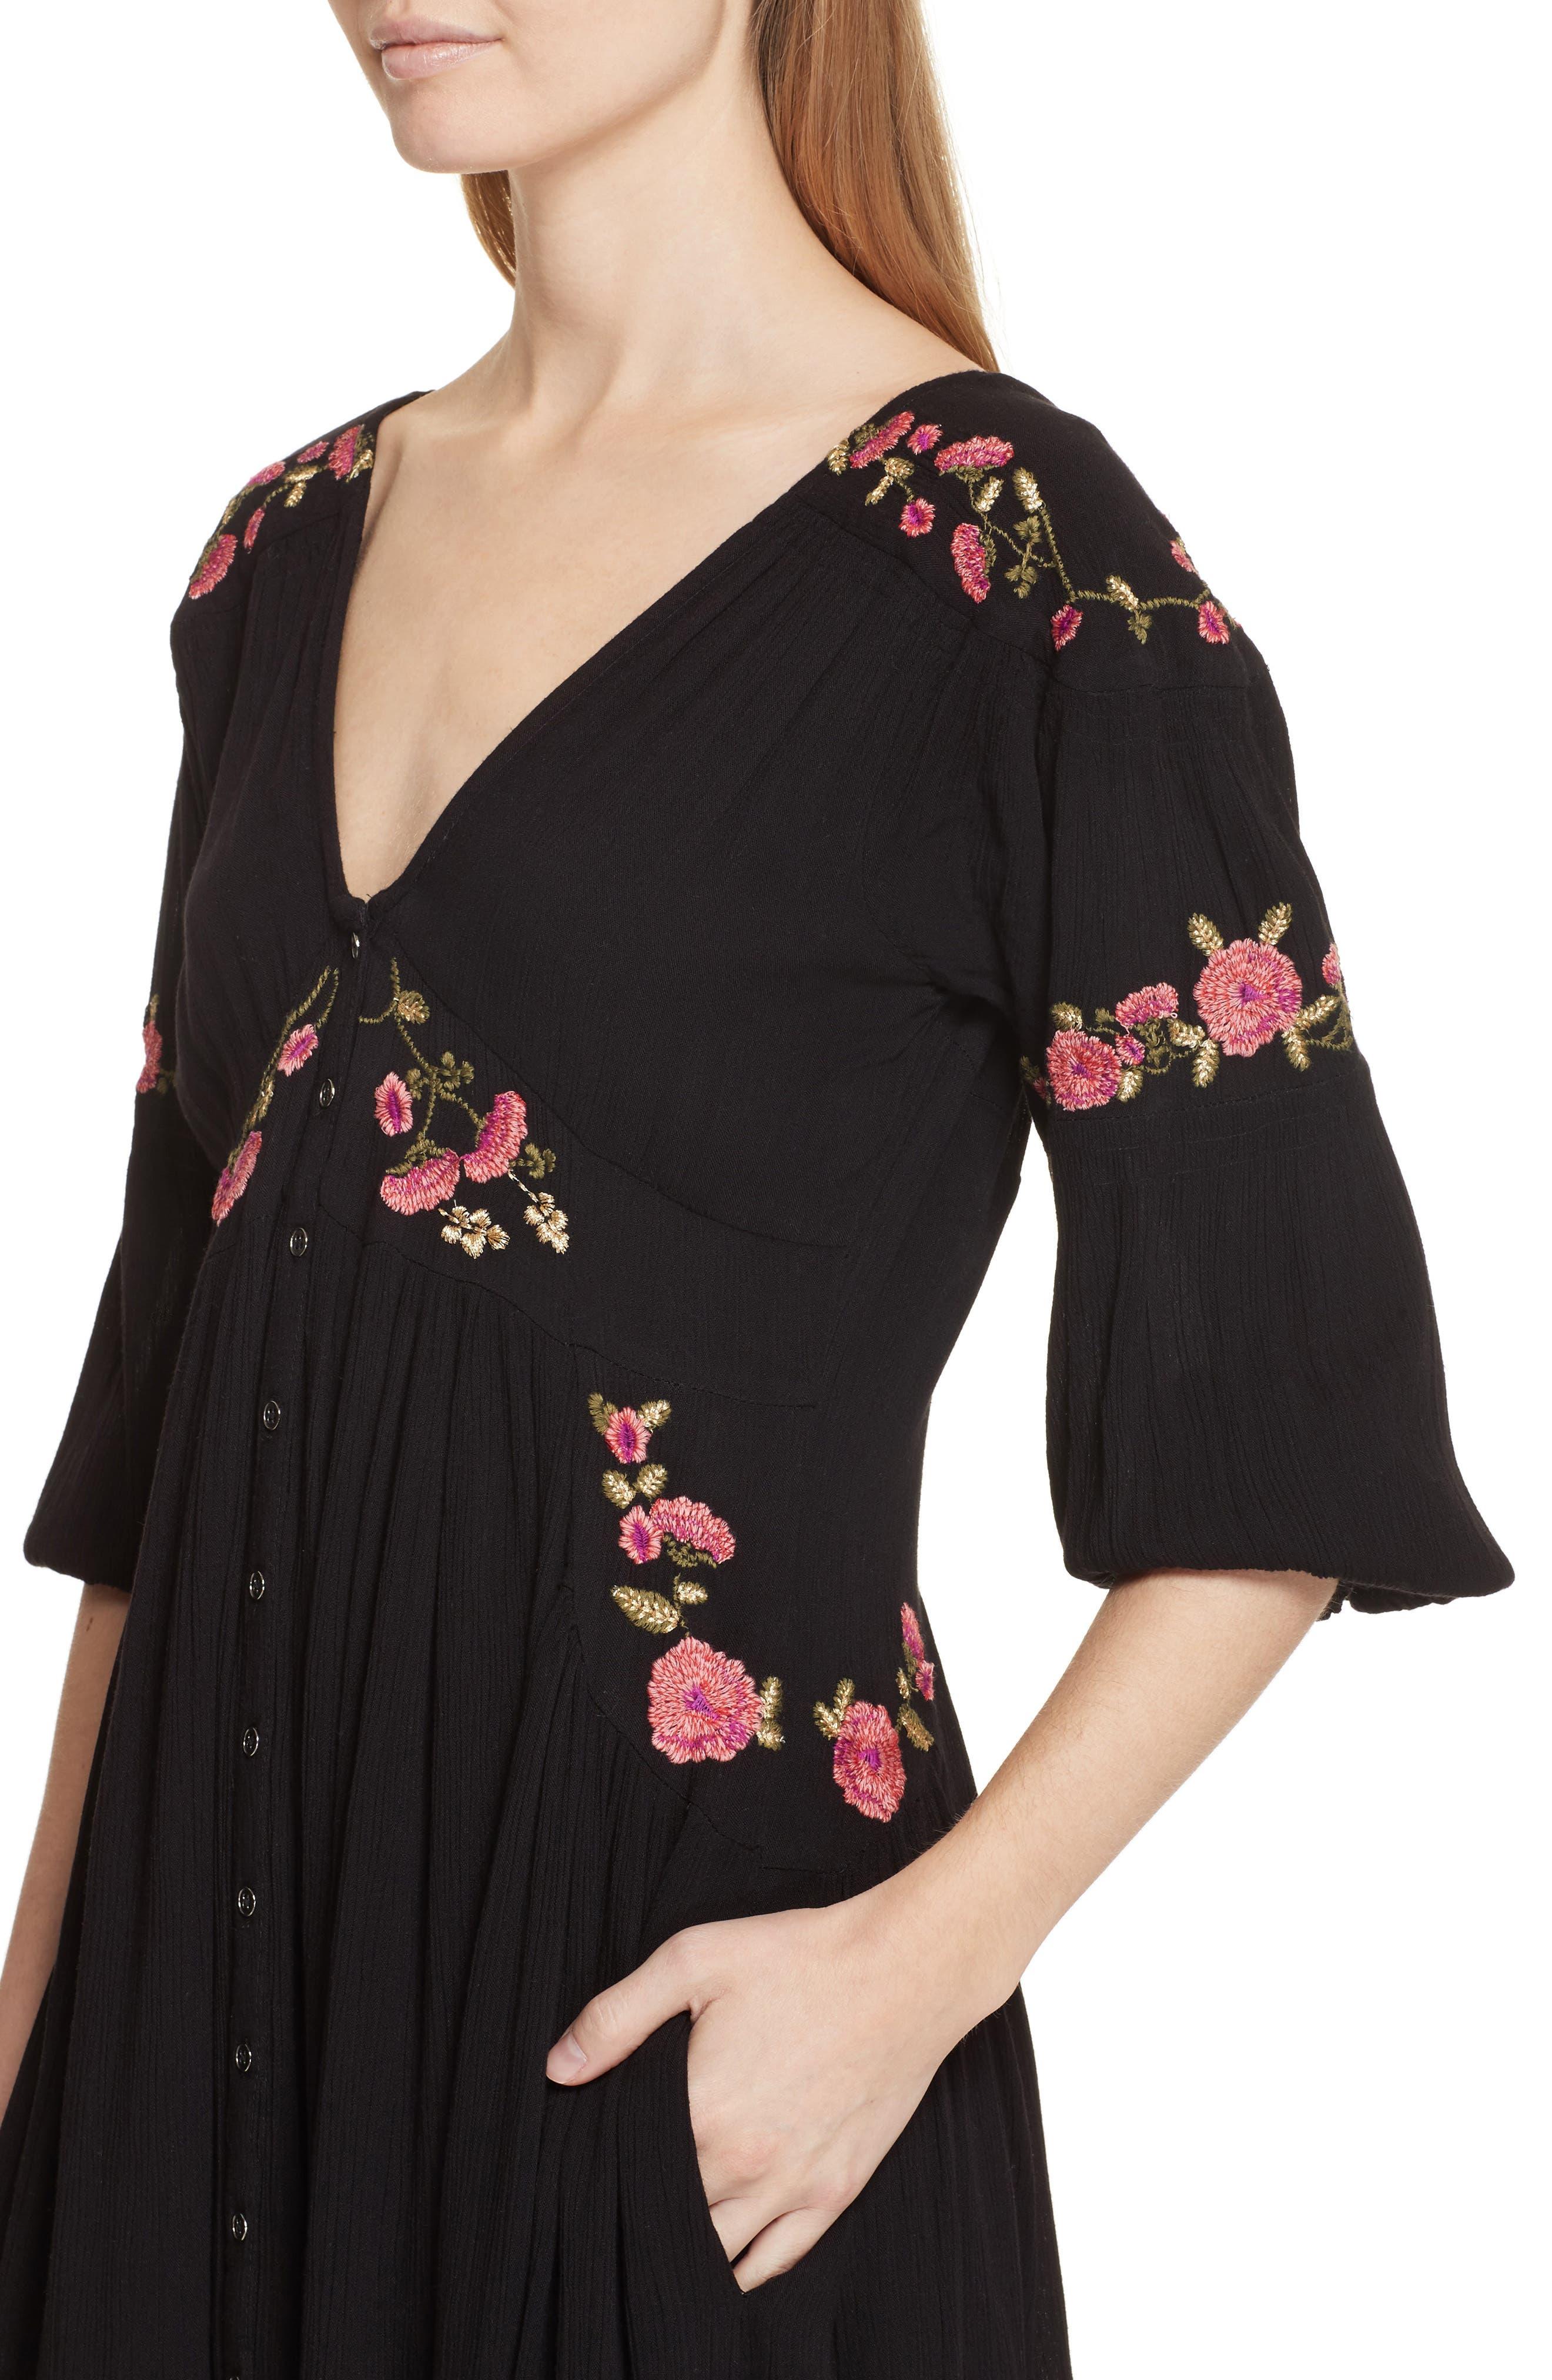 Day Glow Midi Dress,                             Alternate thumbnail 4, color,                             Black Combo